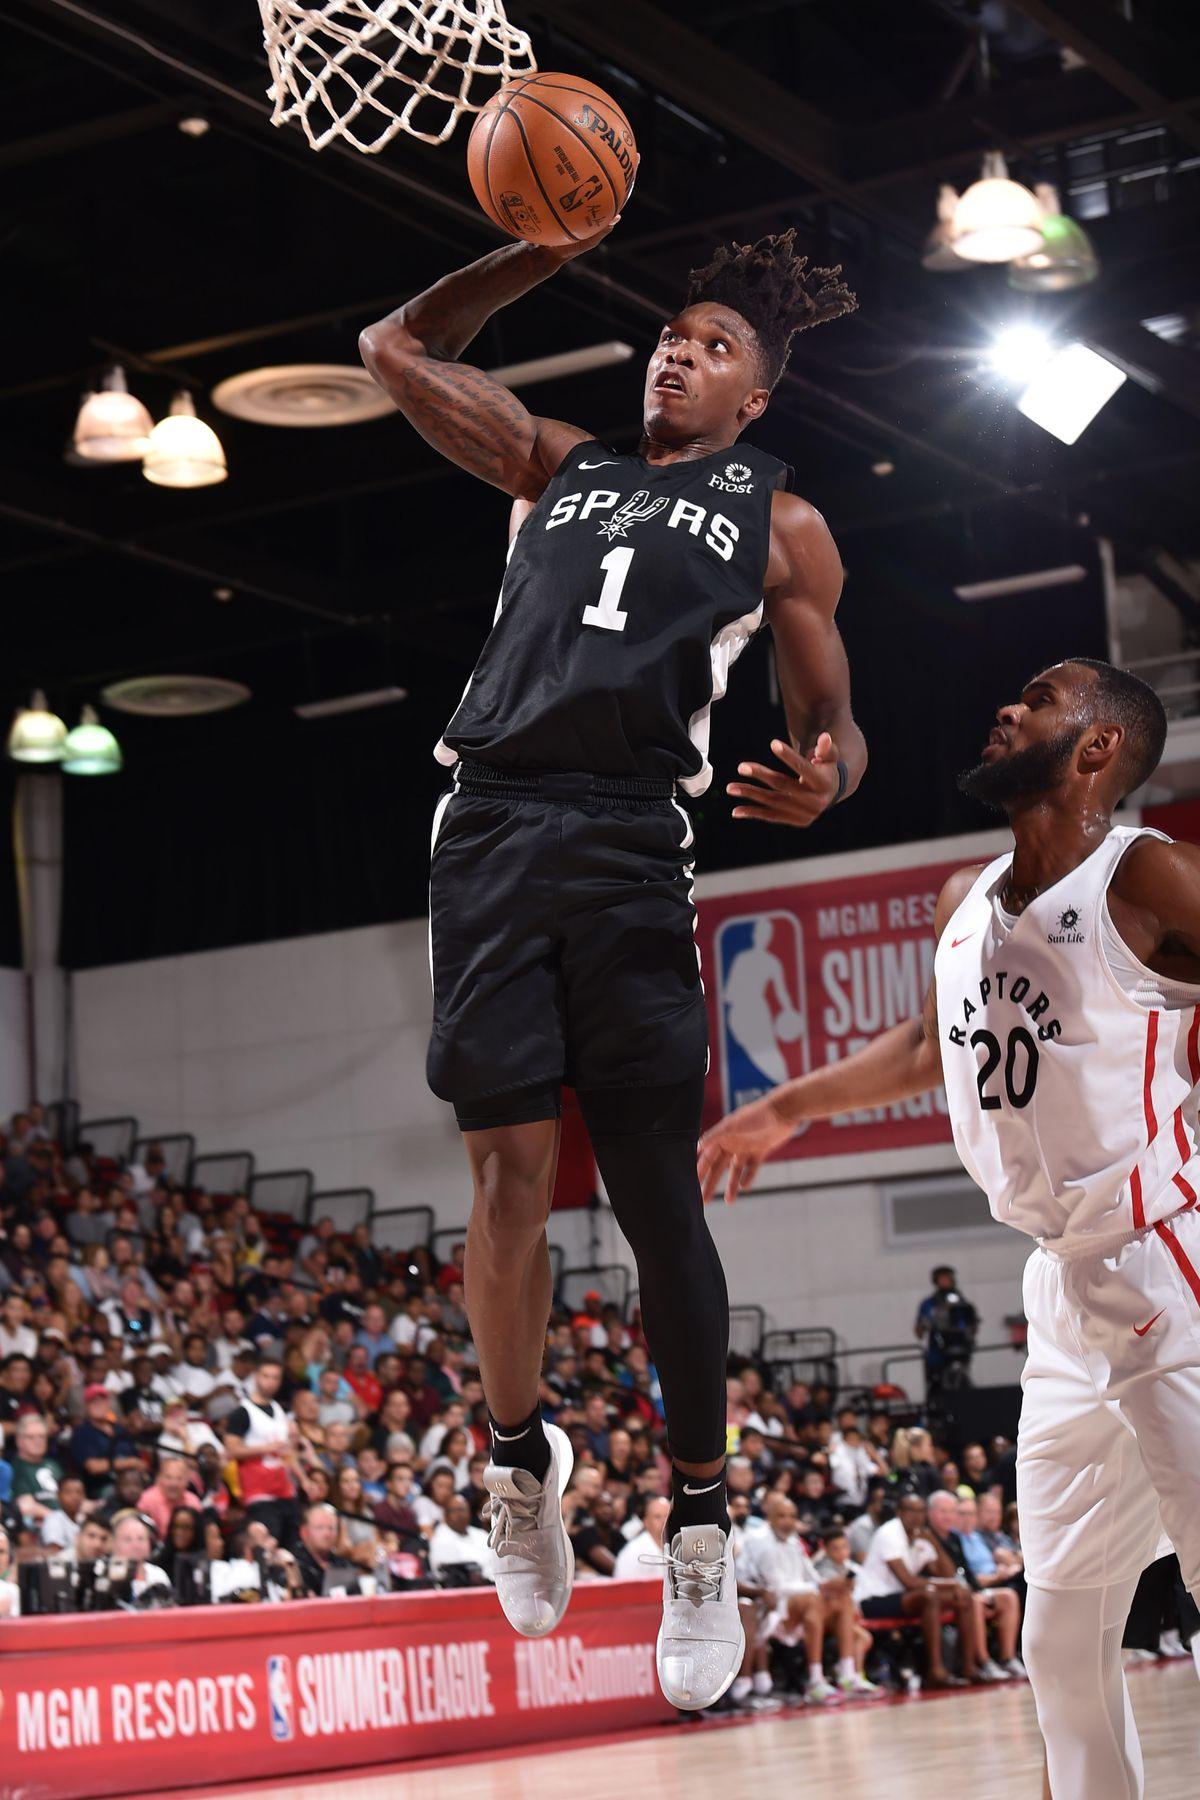 2019 Las Vegas Summer League - San Antonio Spurs v Toronto Raptors